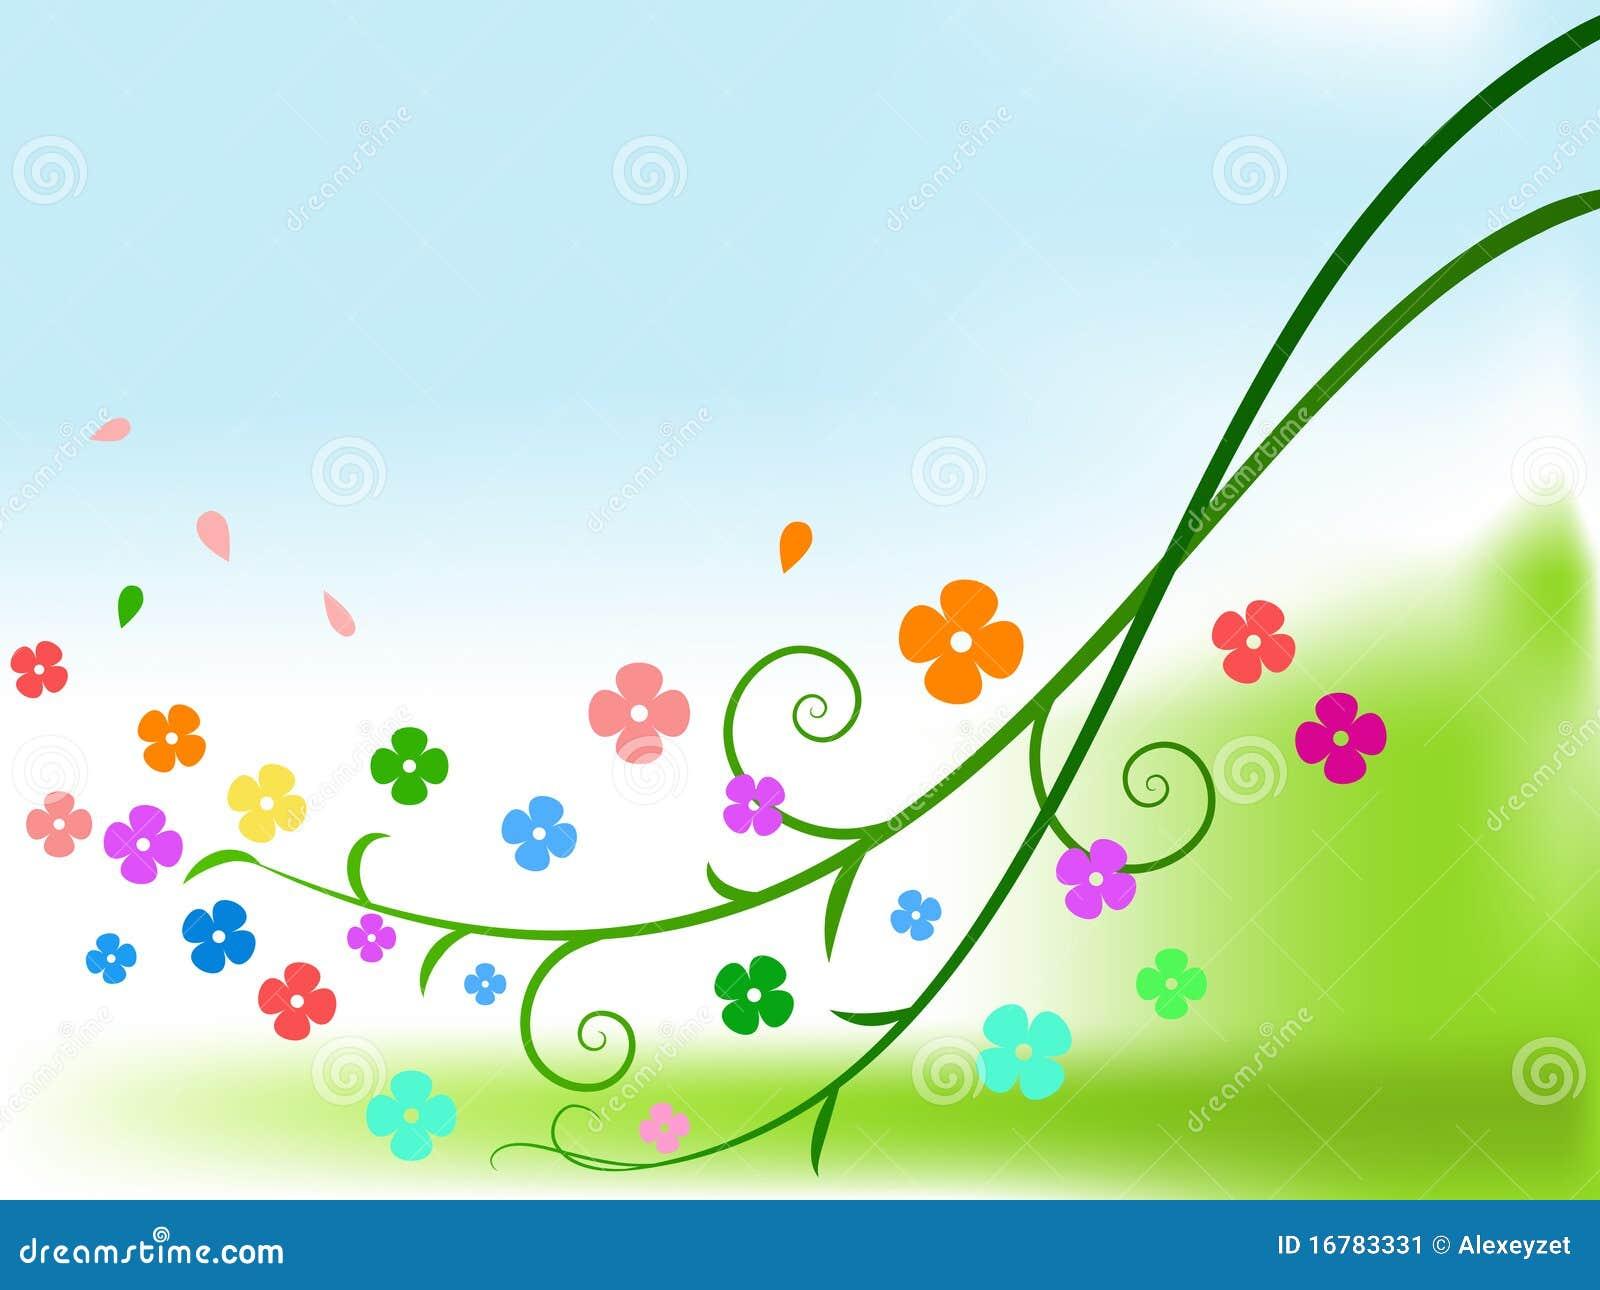 Flores abstractas del color con las ramificaciones rizadas for Imagenes abstractas 3d